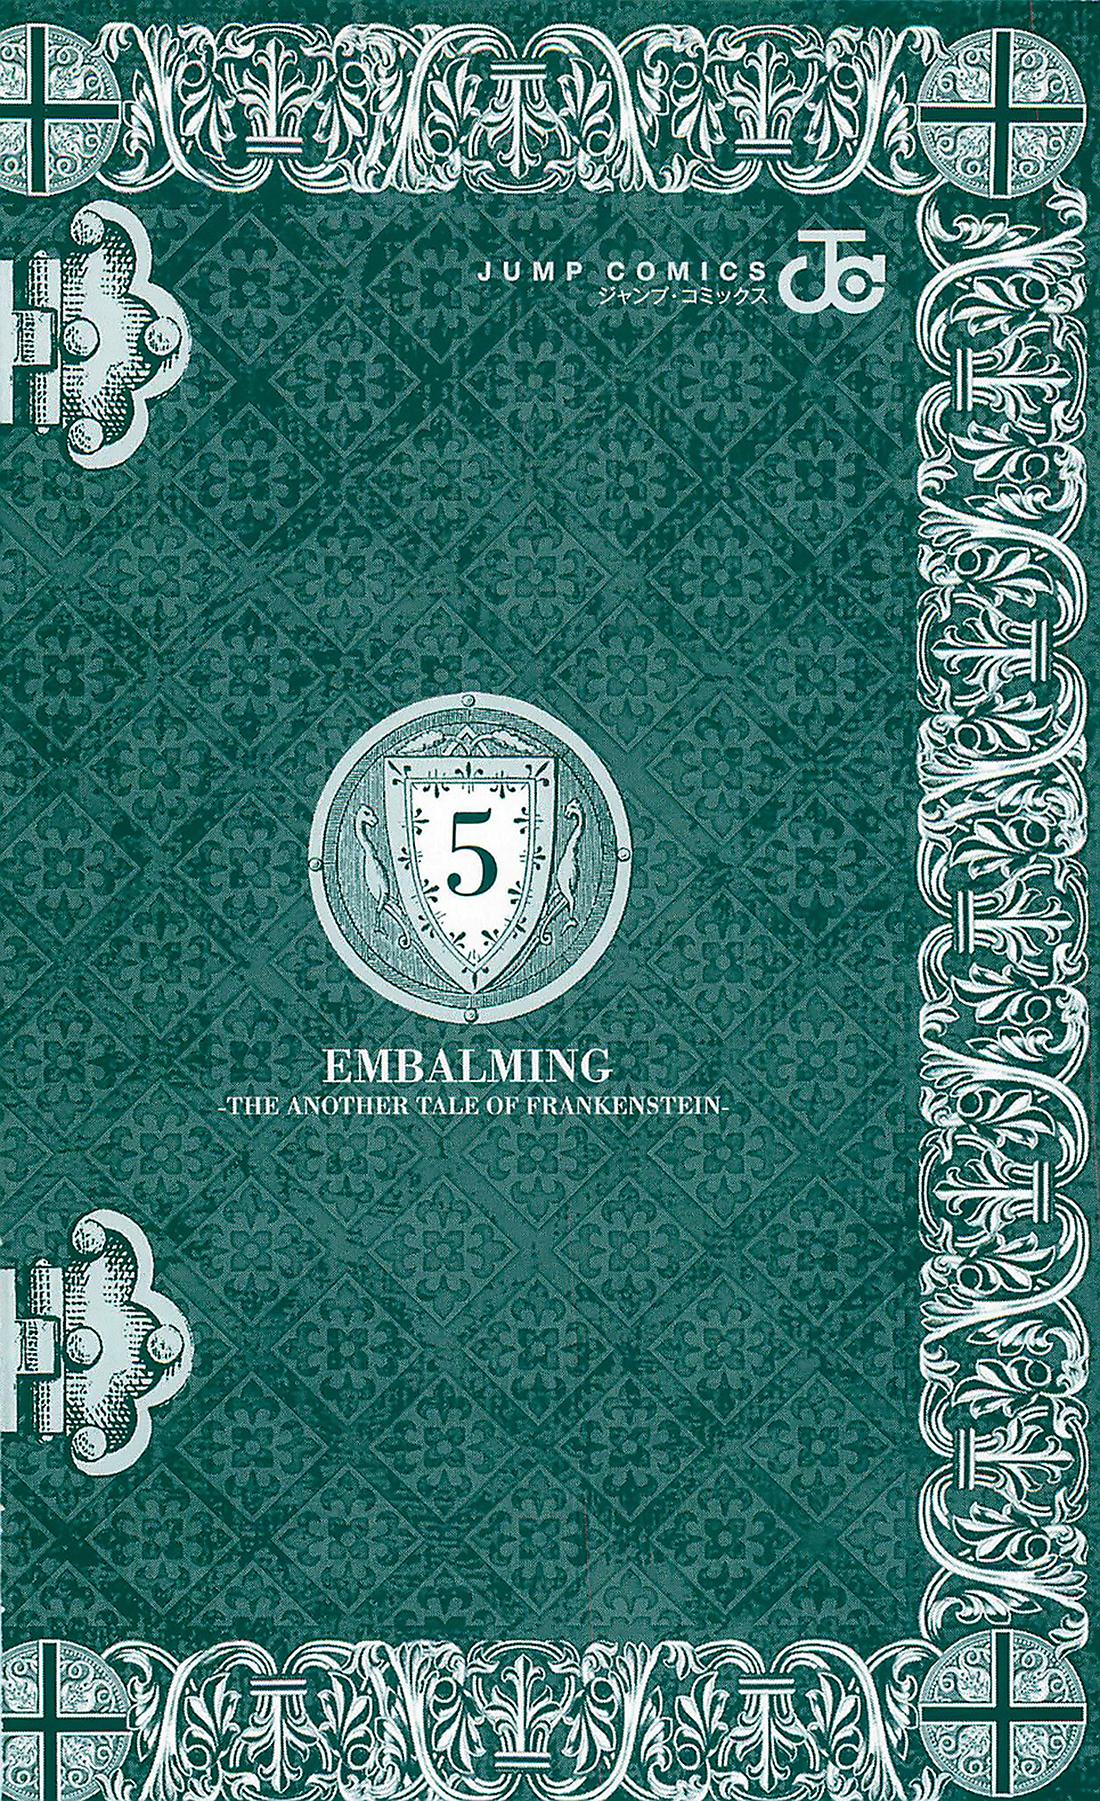 http://c5.ninemanga.com/es_manga/45/18797/447914/6db2fc94899203869ff00151f941dcff.jpg Page 4